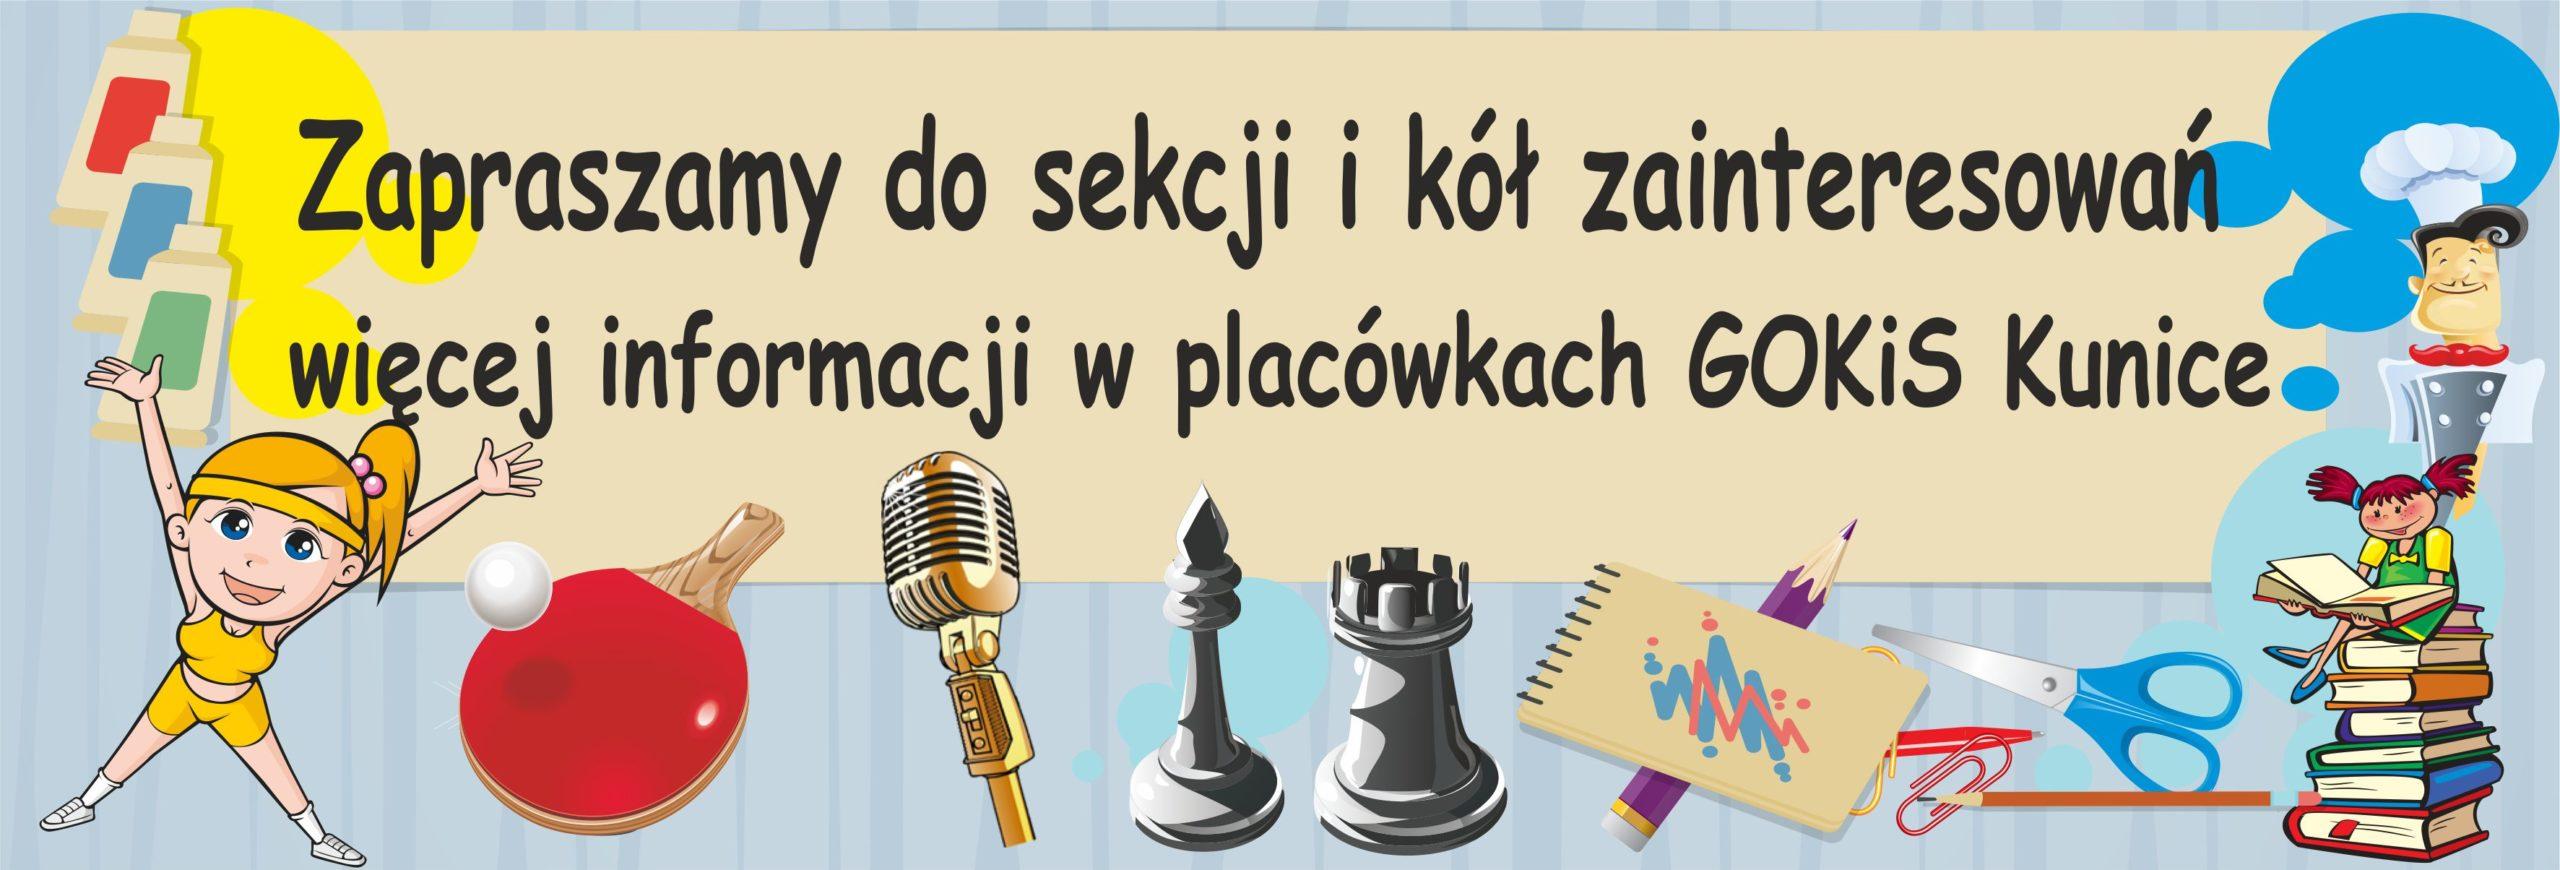 http://www.gokis-kunice.pl/imprezy/reggae/